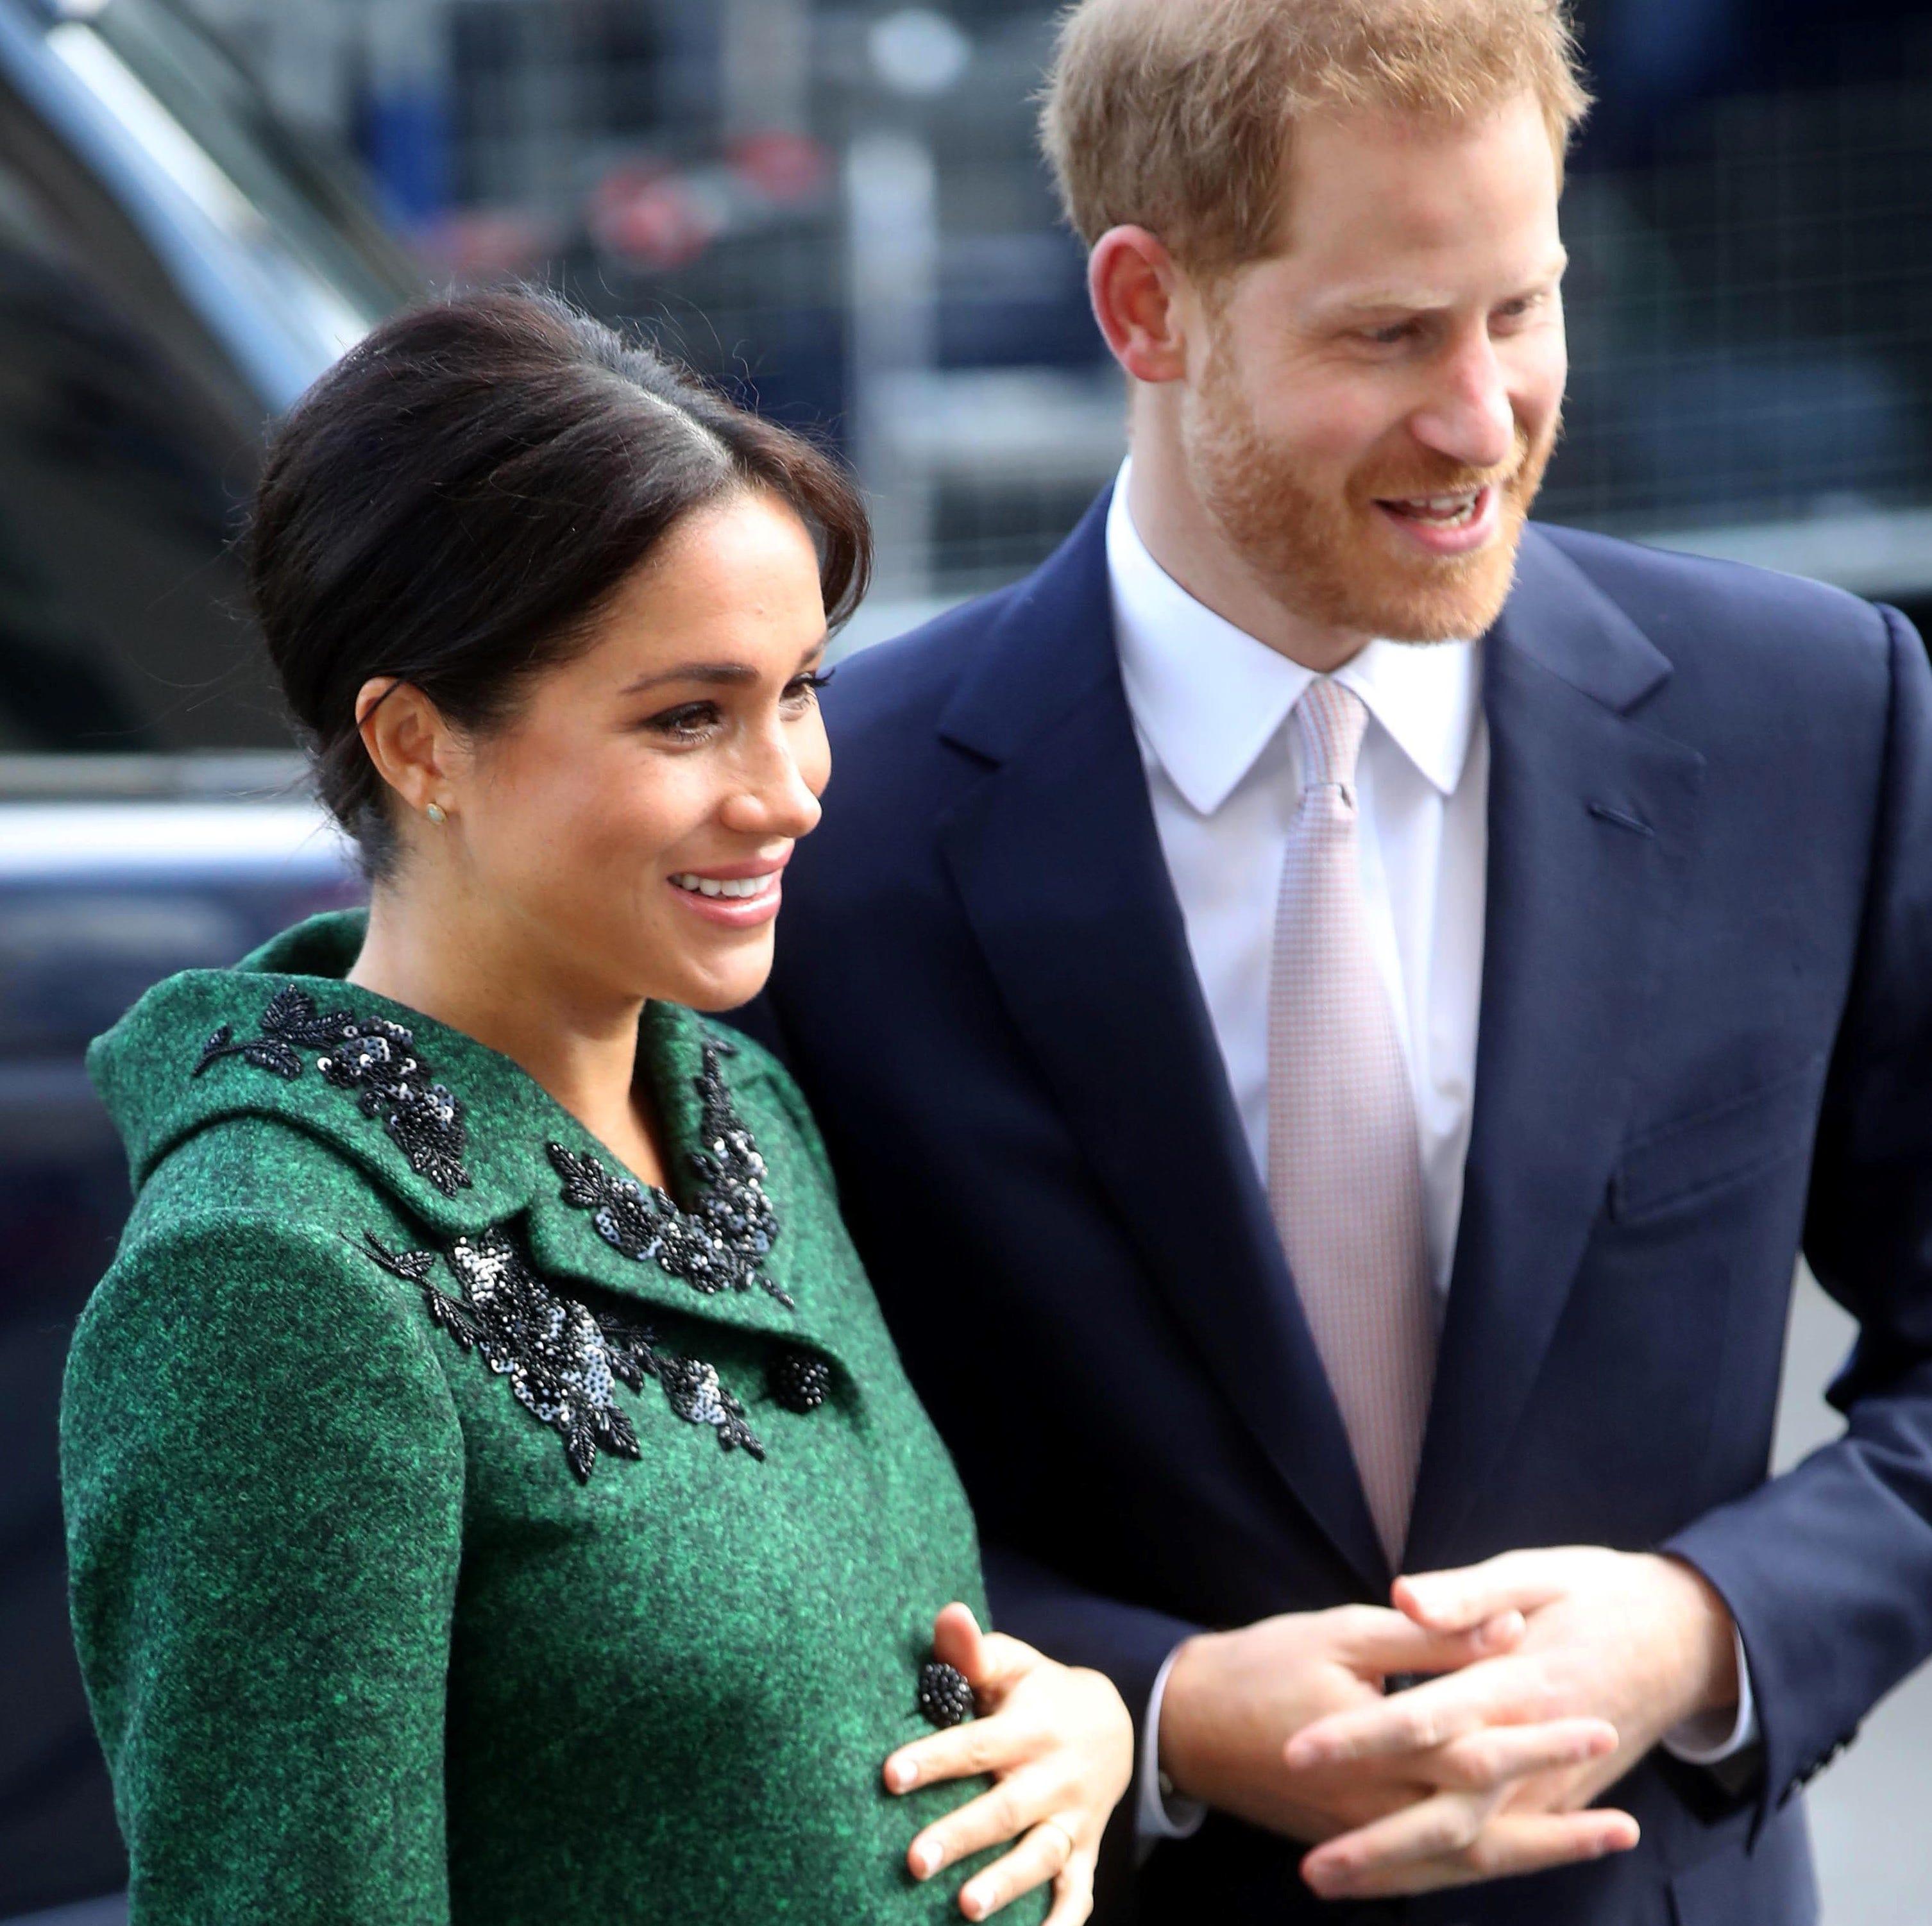 Nace el hijo de Meghan y el príncipe Enrique; es niño